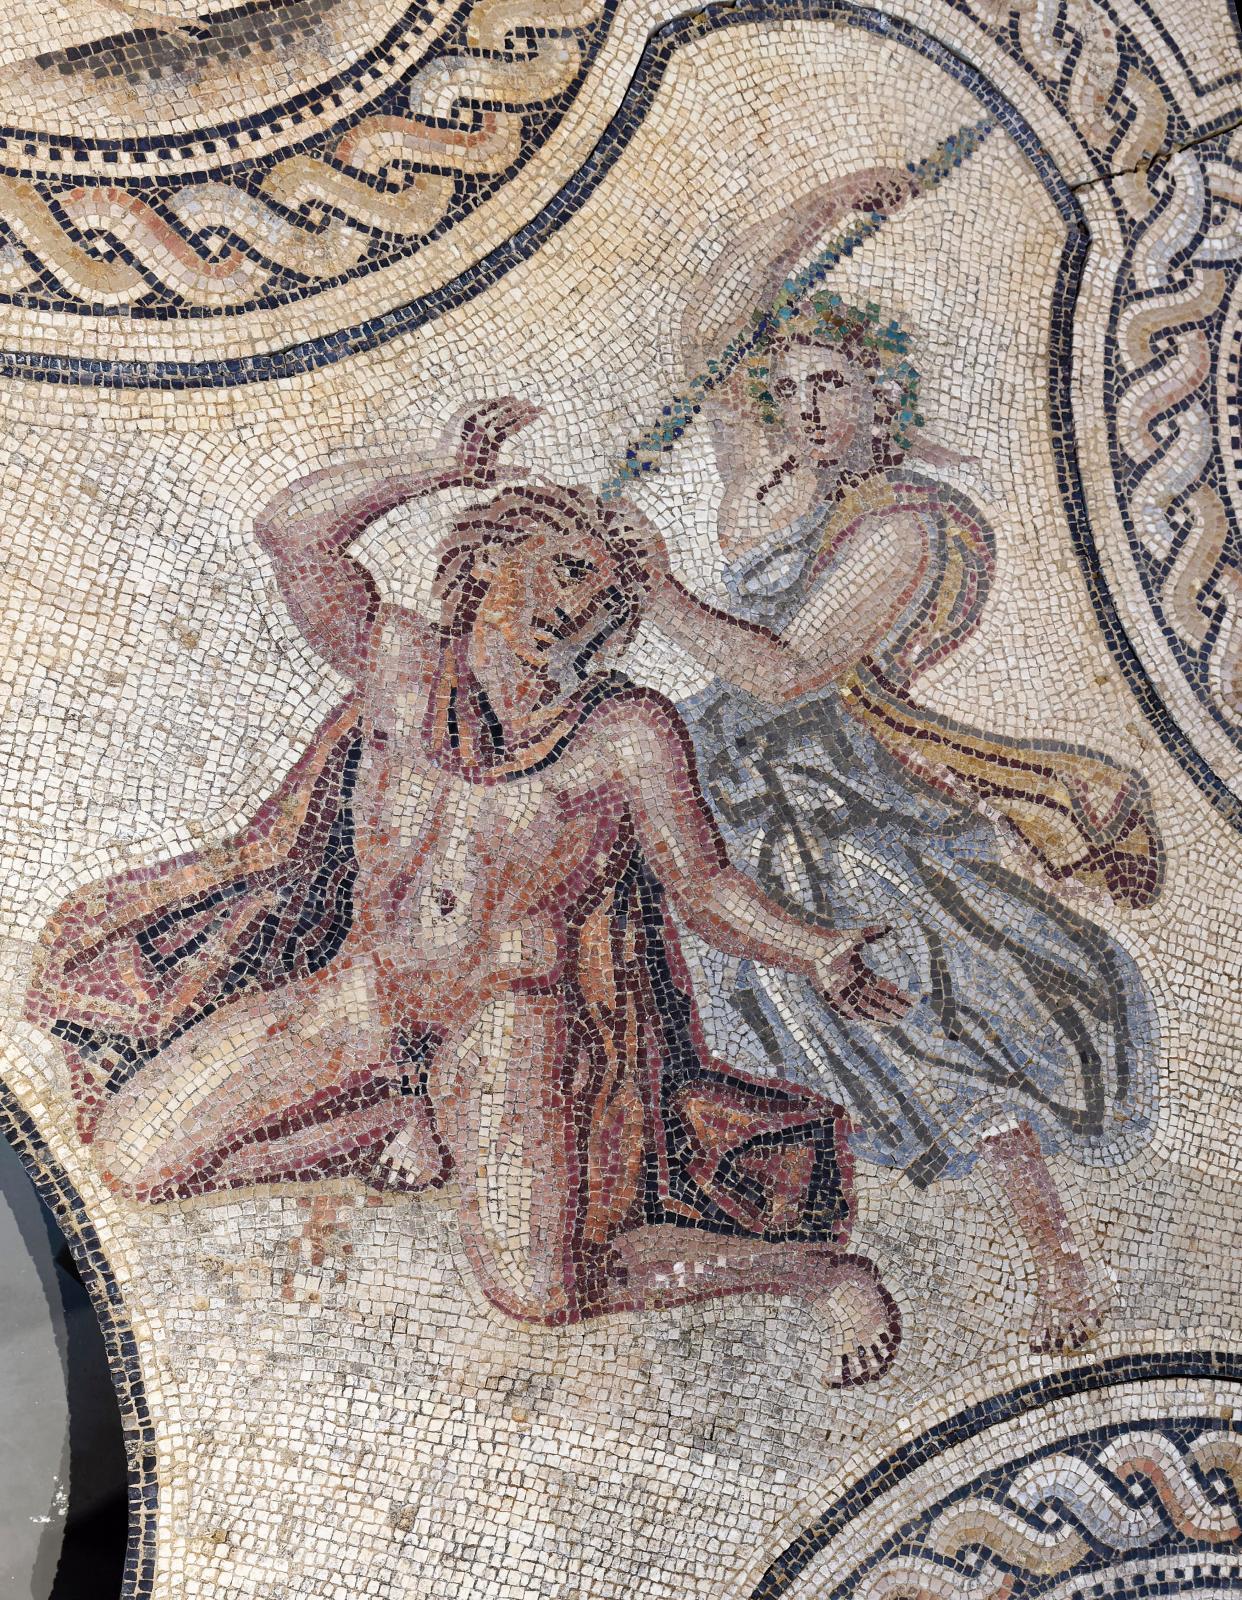 Musée de la Romanité, Nîmes, mosaïque de Penthée, époque romaine (IIesiècle), détail: scène centrale représentant le meurtre de Penthée par sa mère